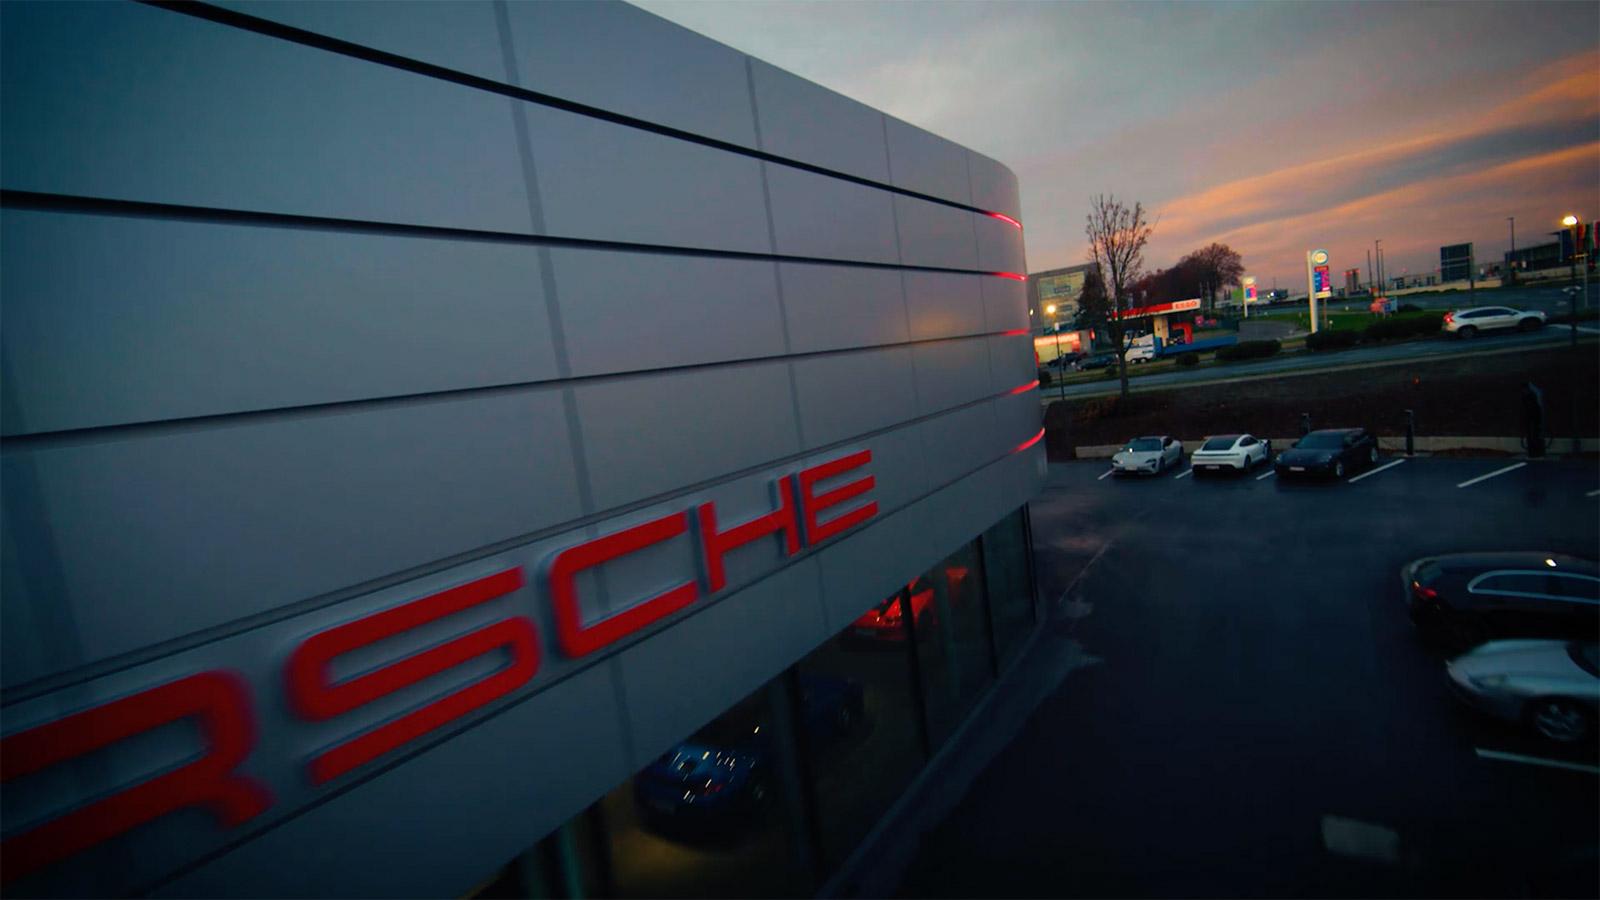 Filmproduktion Dortmund Branden Content Destination Porsche Zentrum